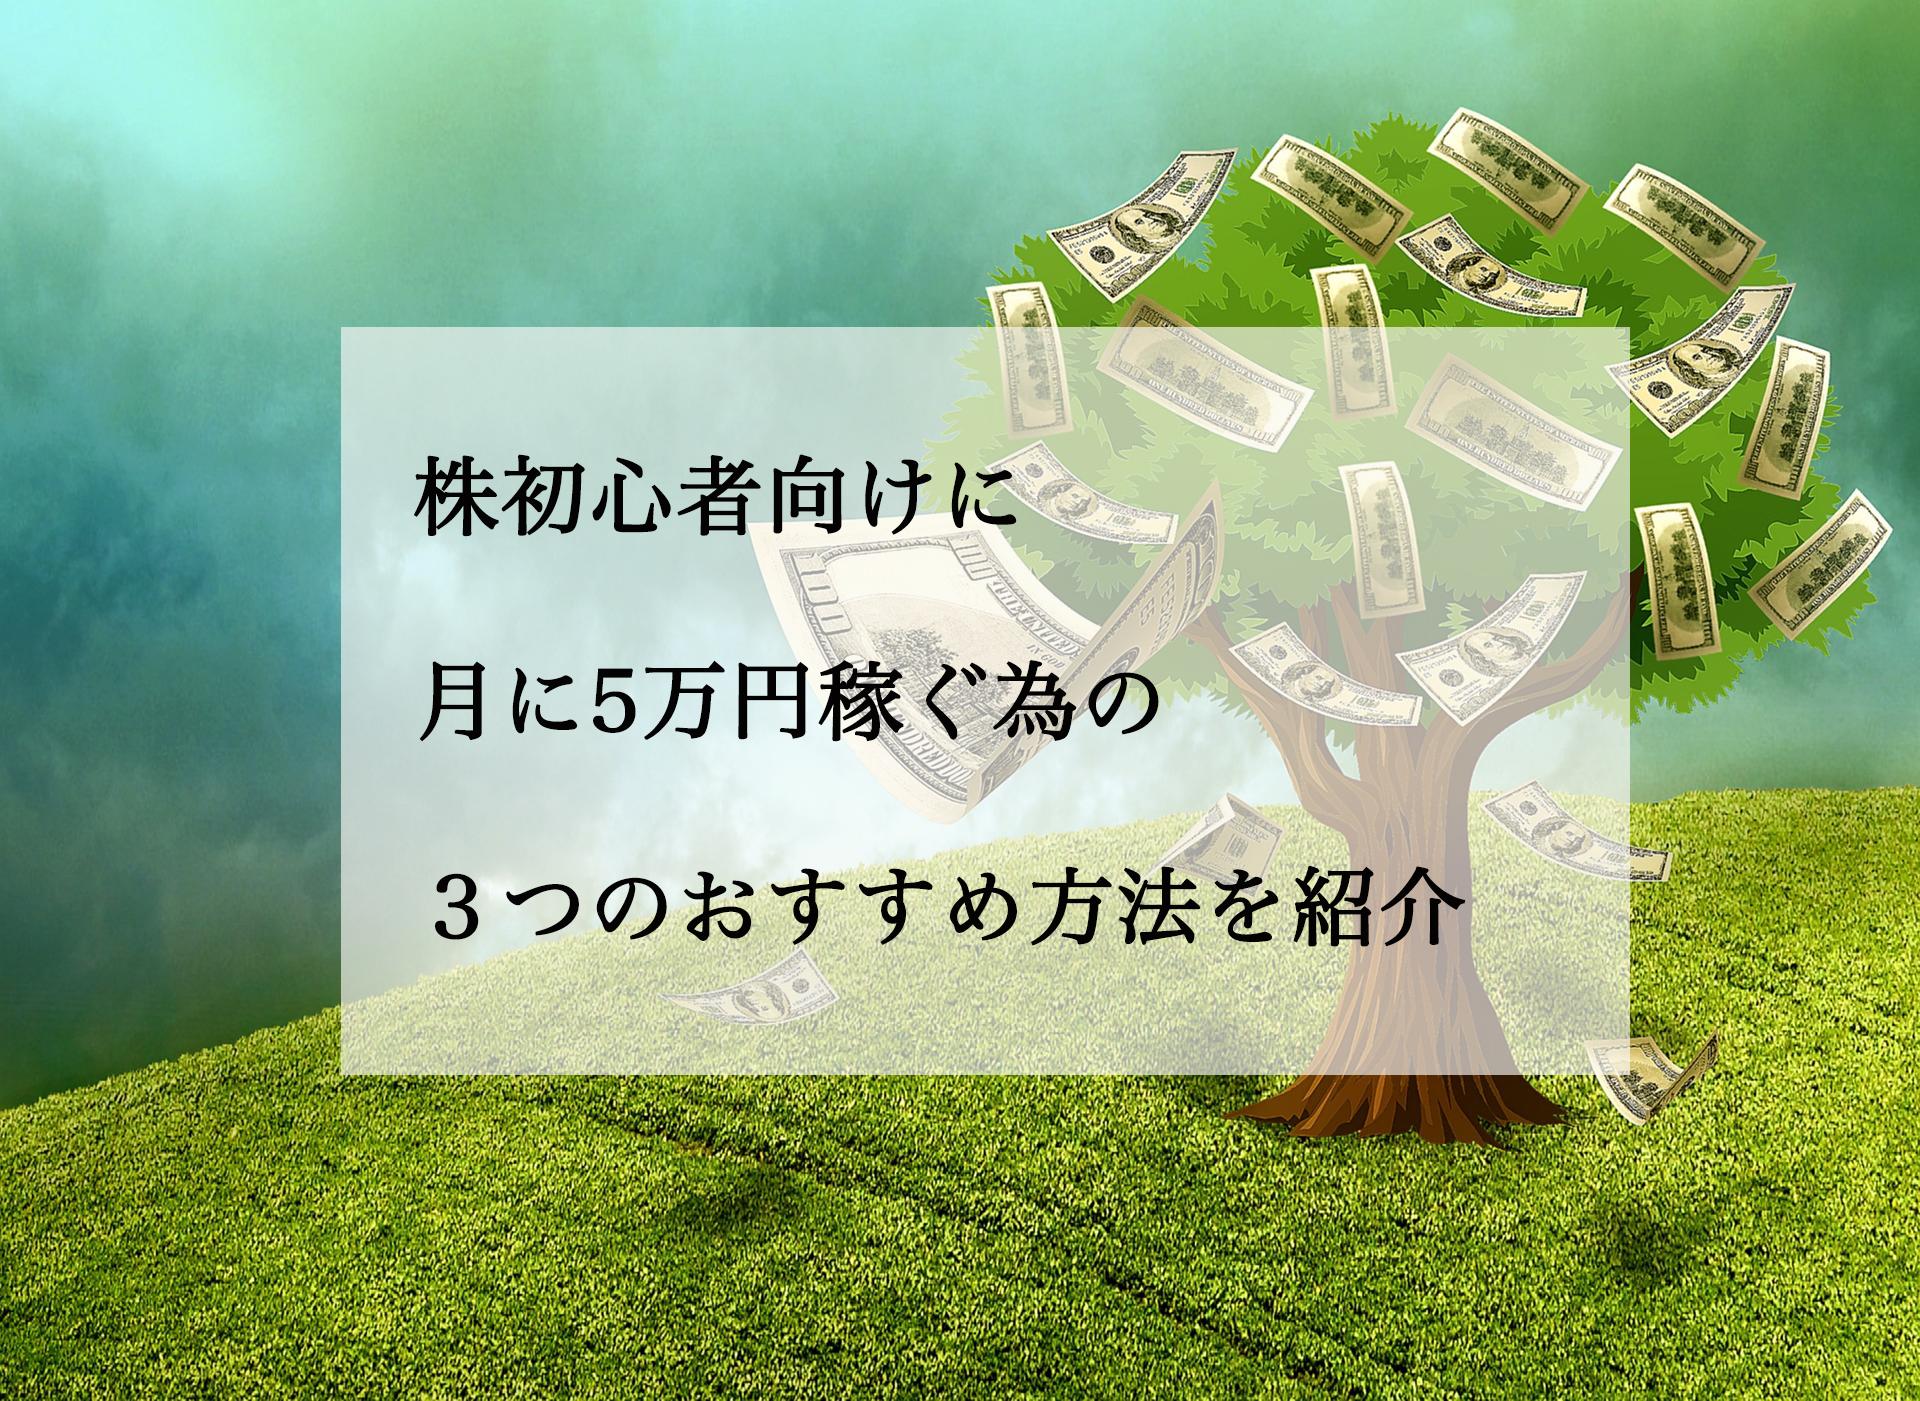 投資初心者向けに株で月に5万円稼ぐための3つのオススメの方法を紹介